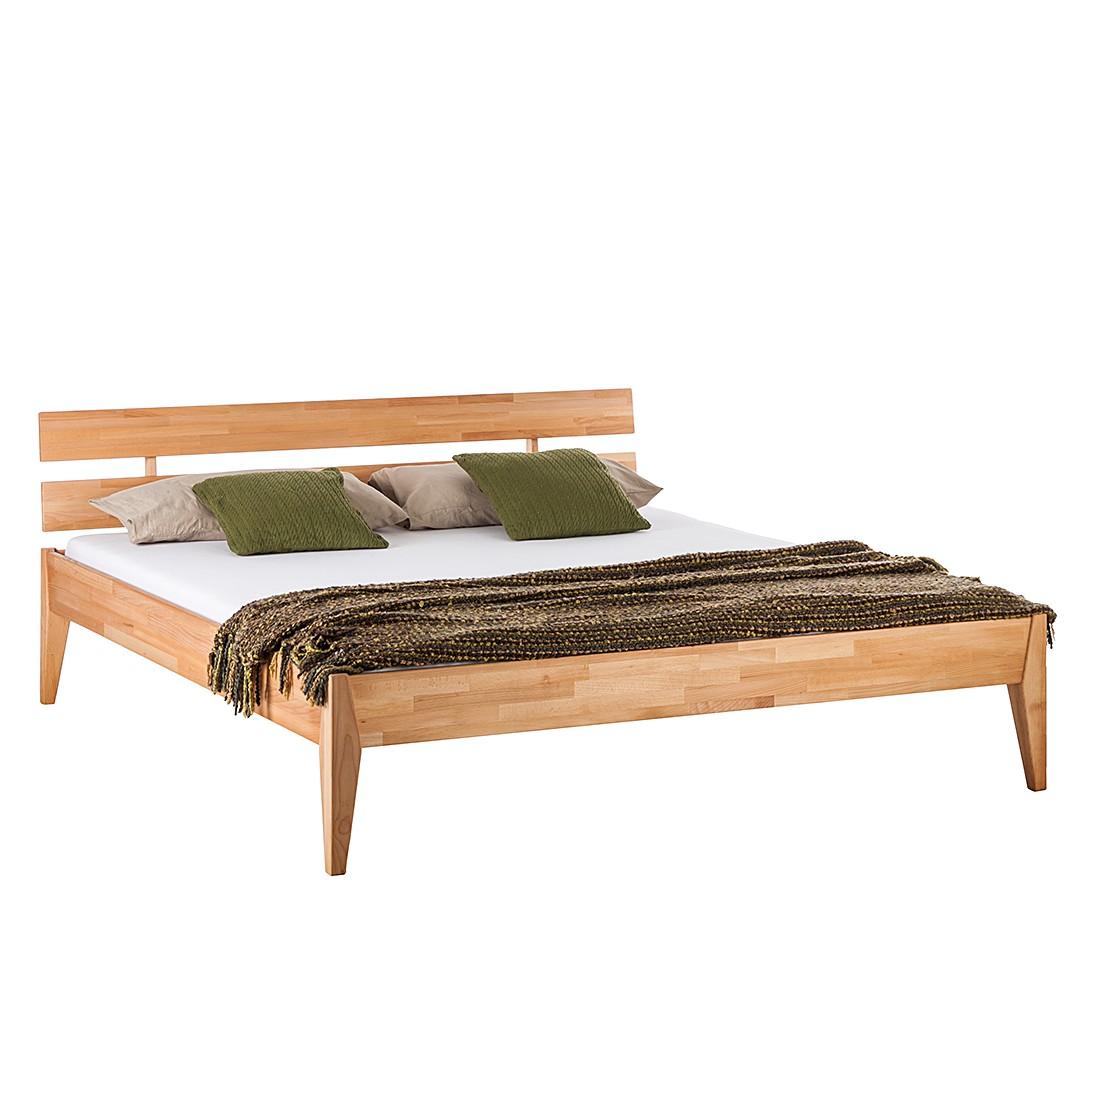 goedkoop Massief houten bed JillWOOD 140 x 200cm Kernbeuken Ars Natura